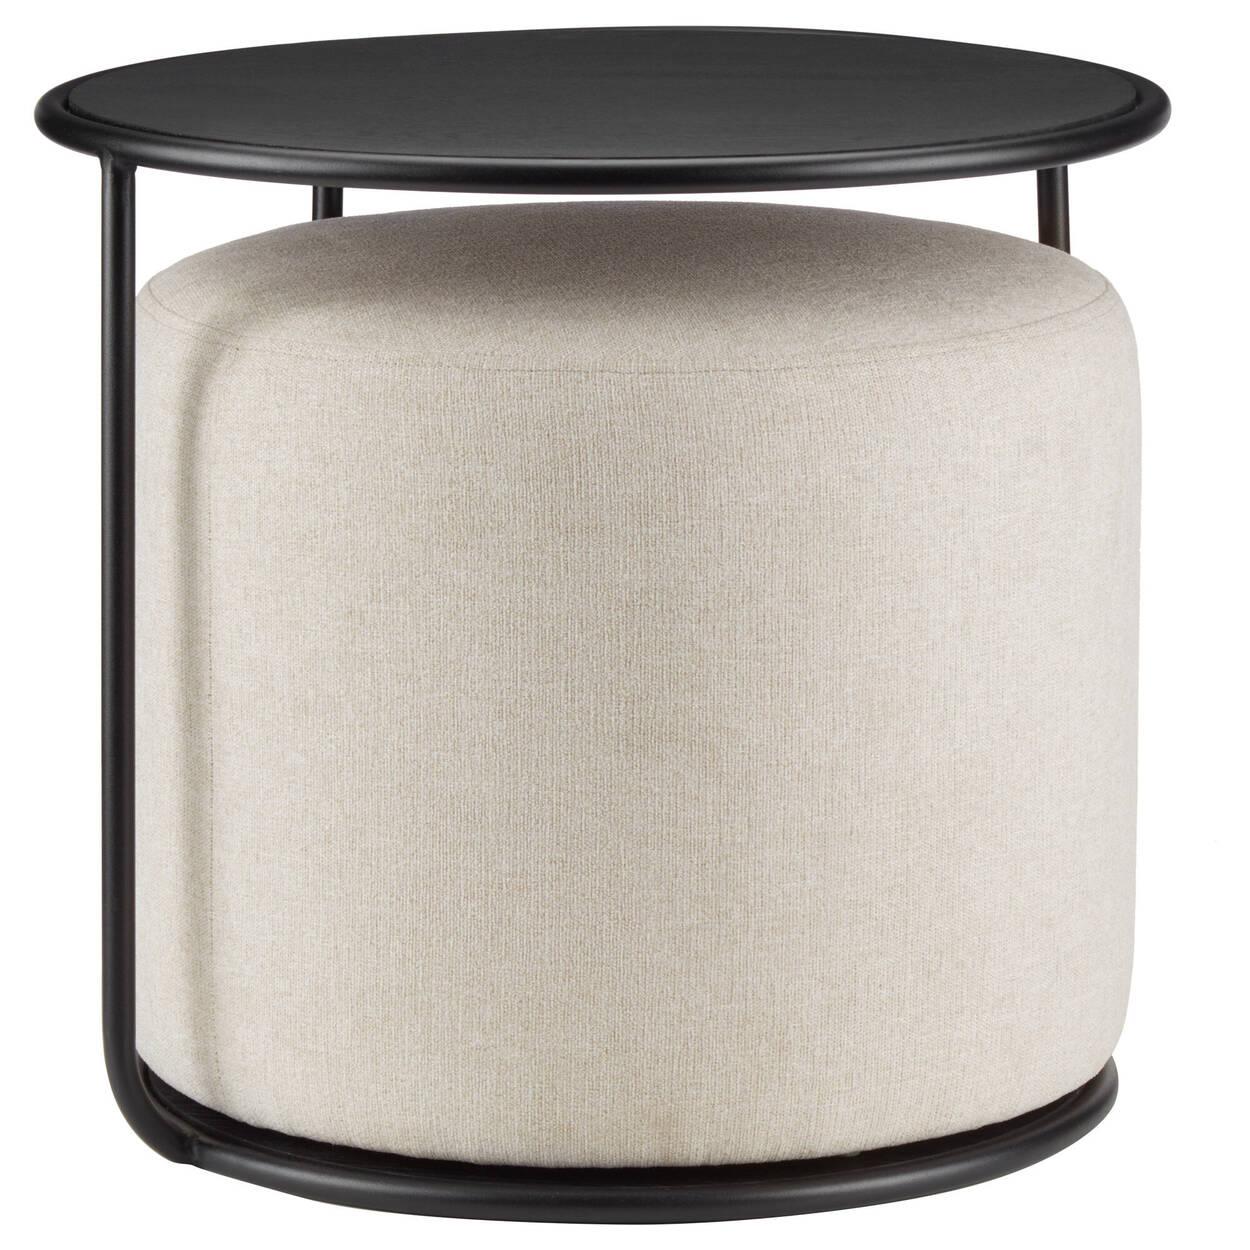 Table d'appoint noire avec pouf